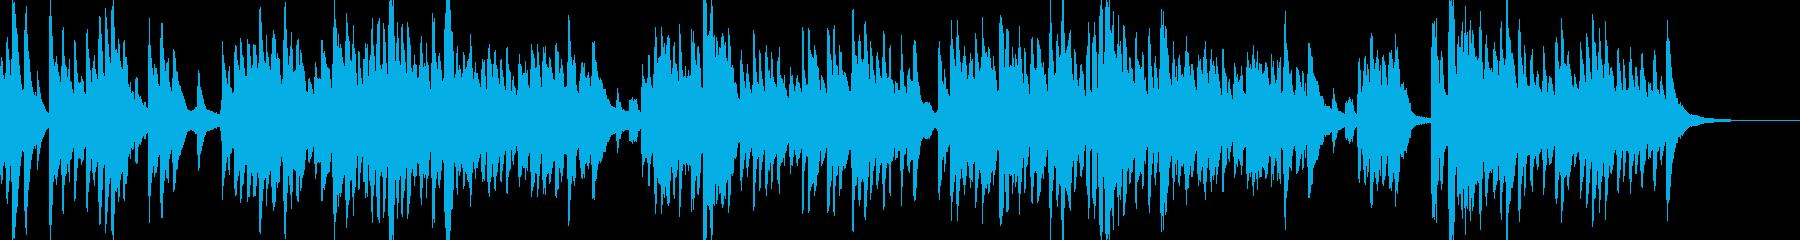 伝承歌「小山の子うさぎ」ハープの弾き語りの再生済みの波形